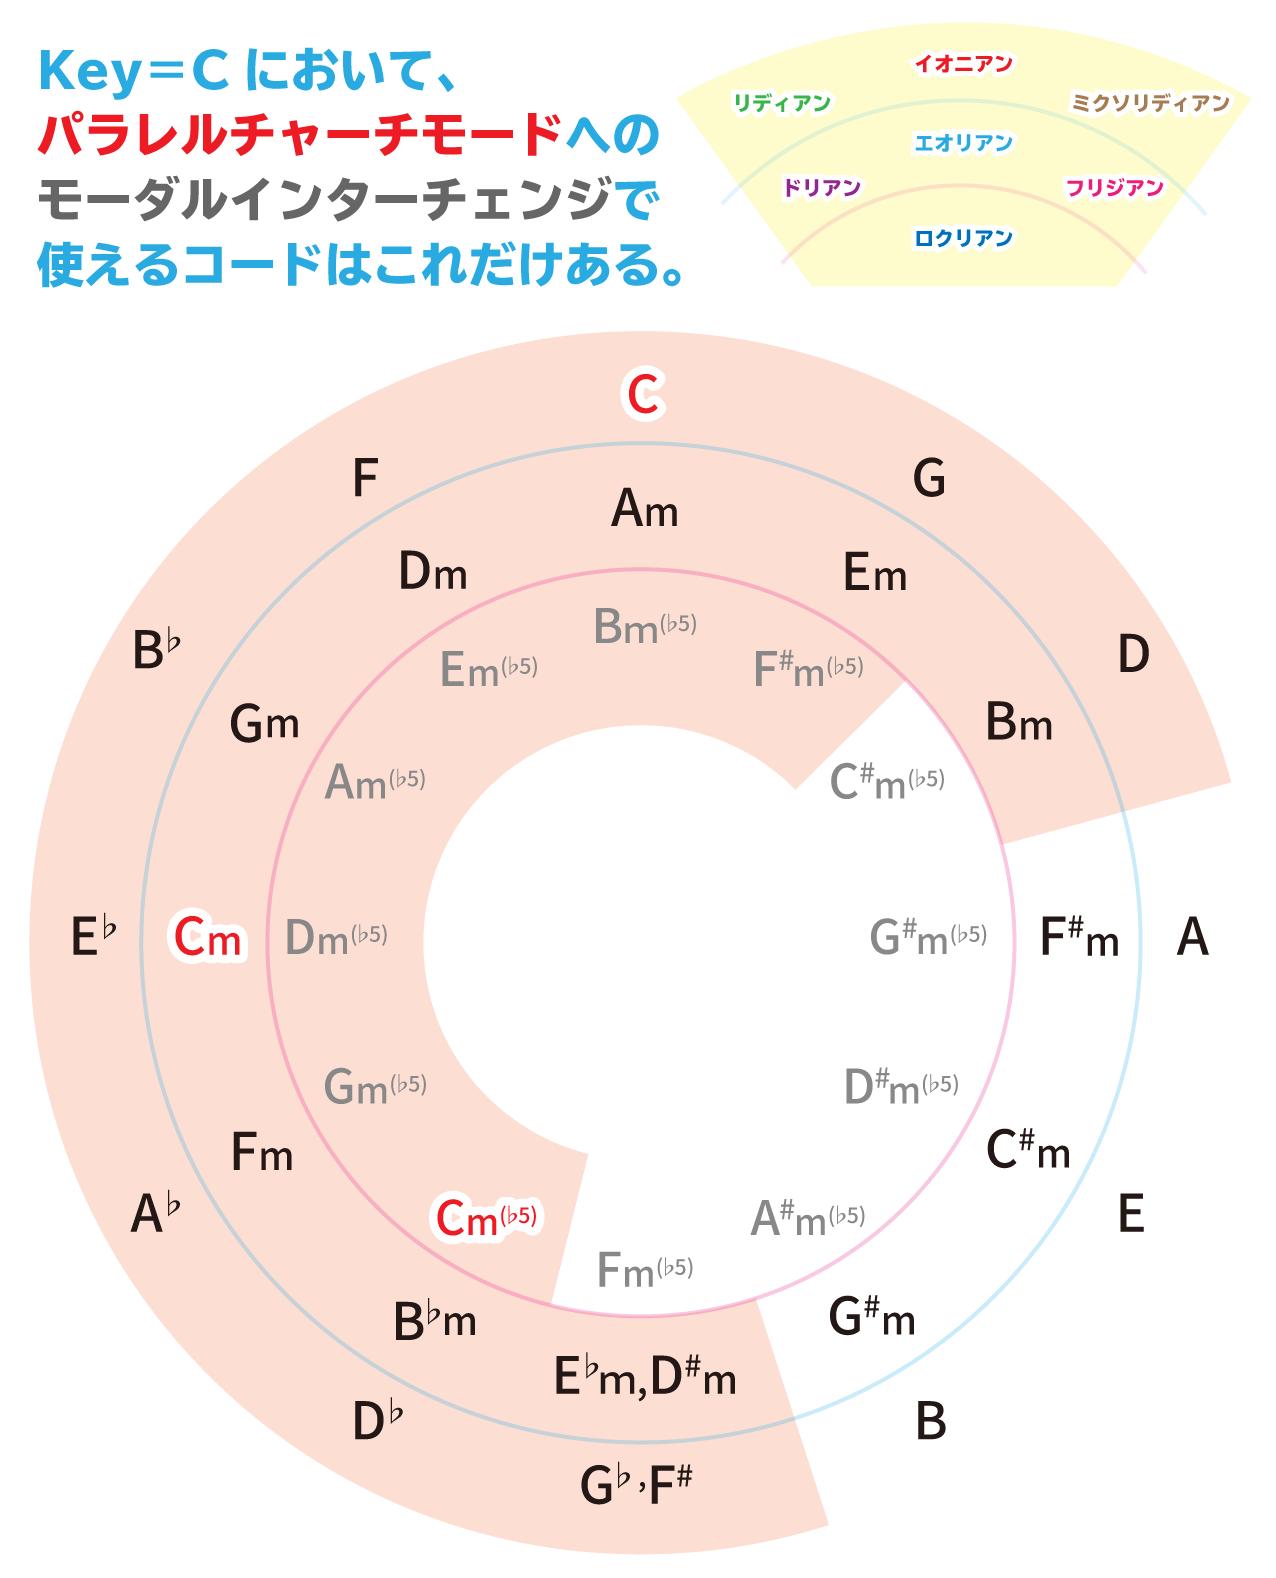 Key=Cにおいて、パラレルチャーチモードへのモーダルインターチェンジで使えるコードはこれだけある。